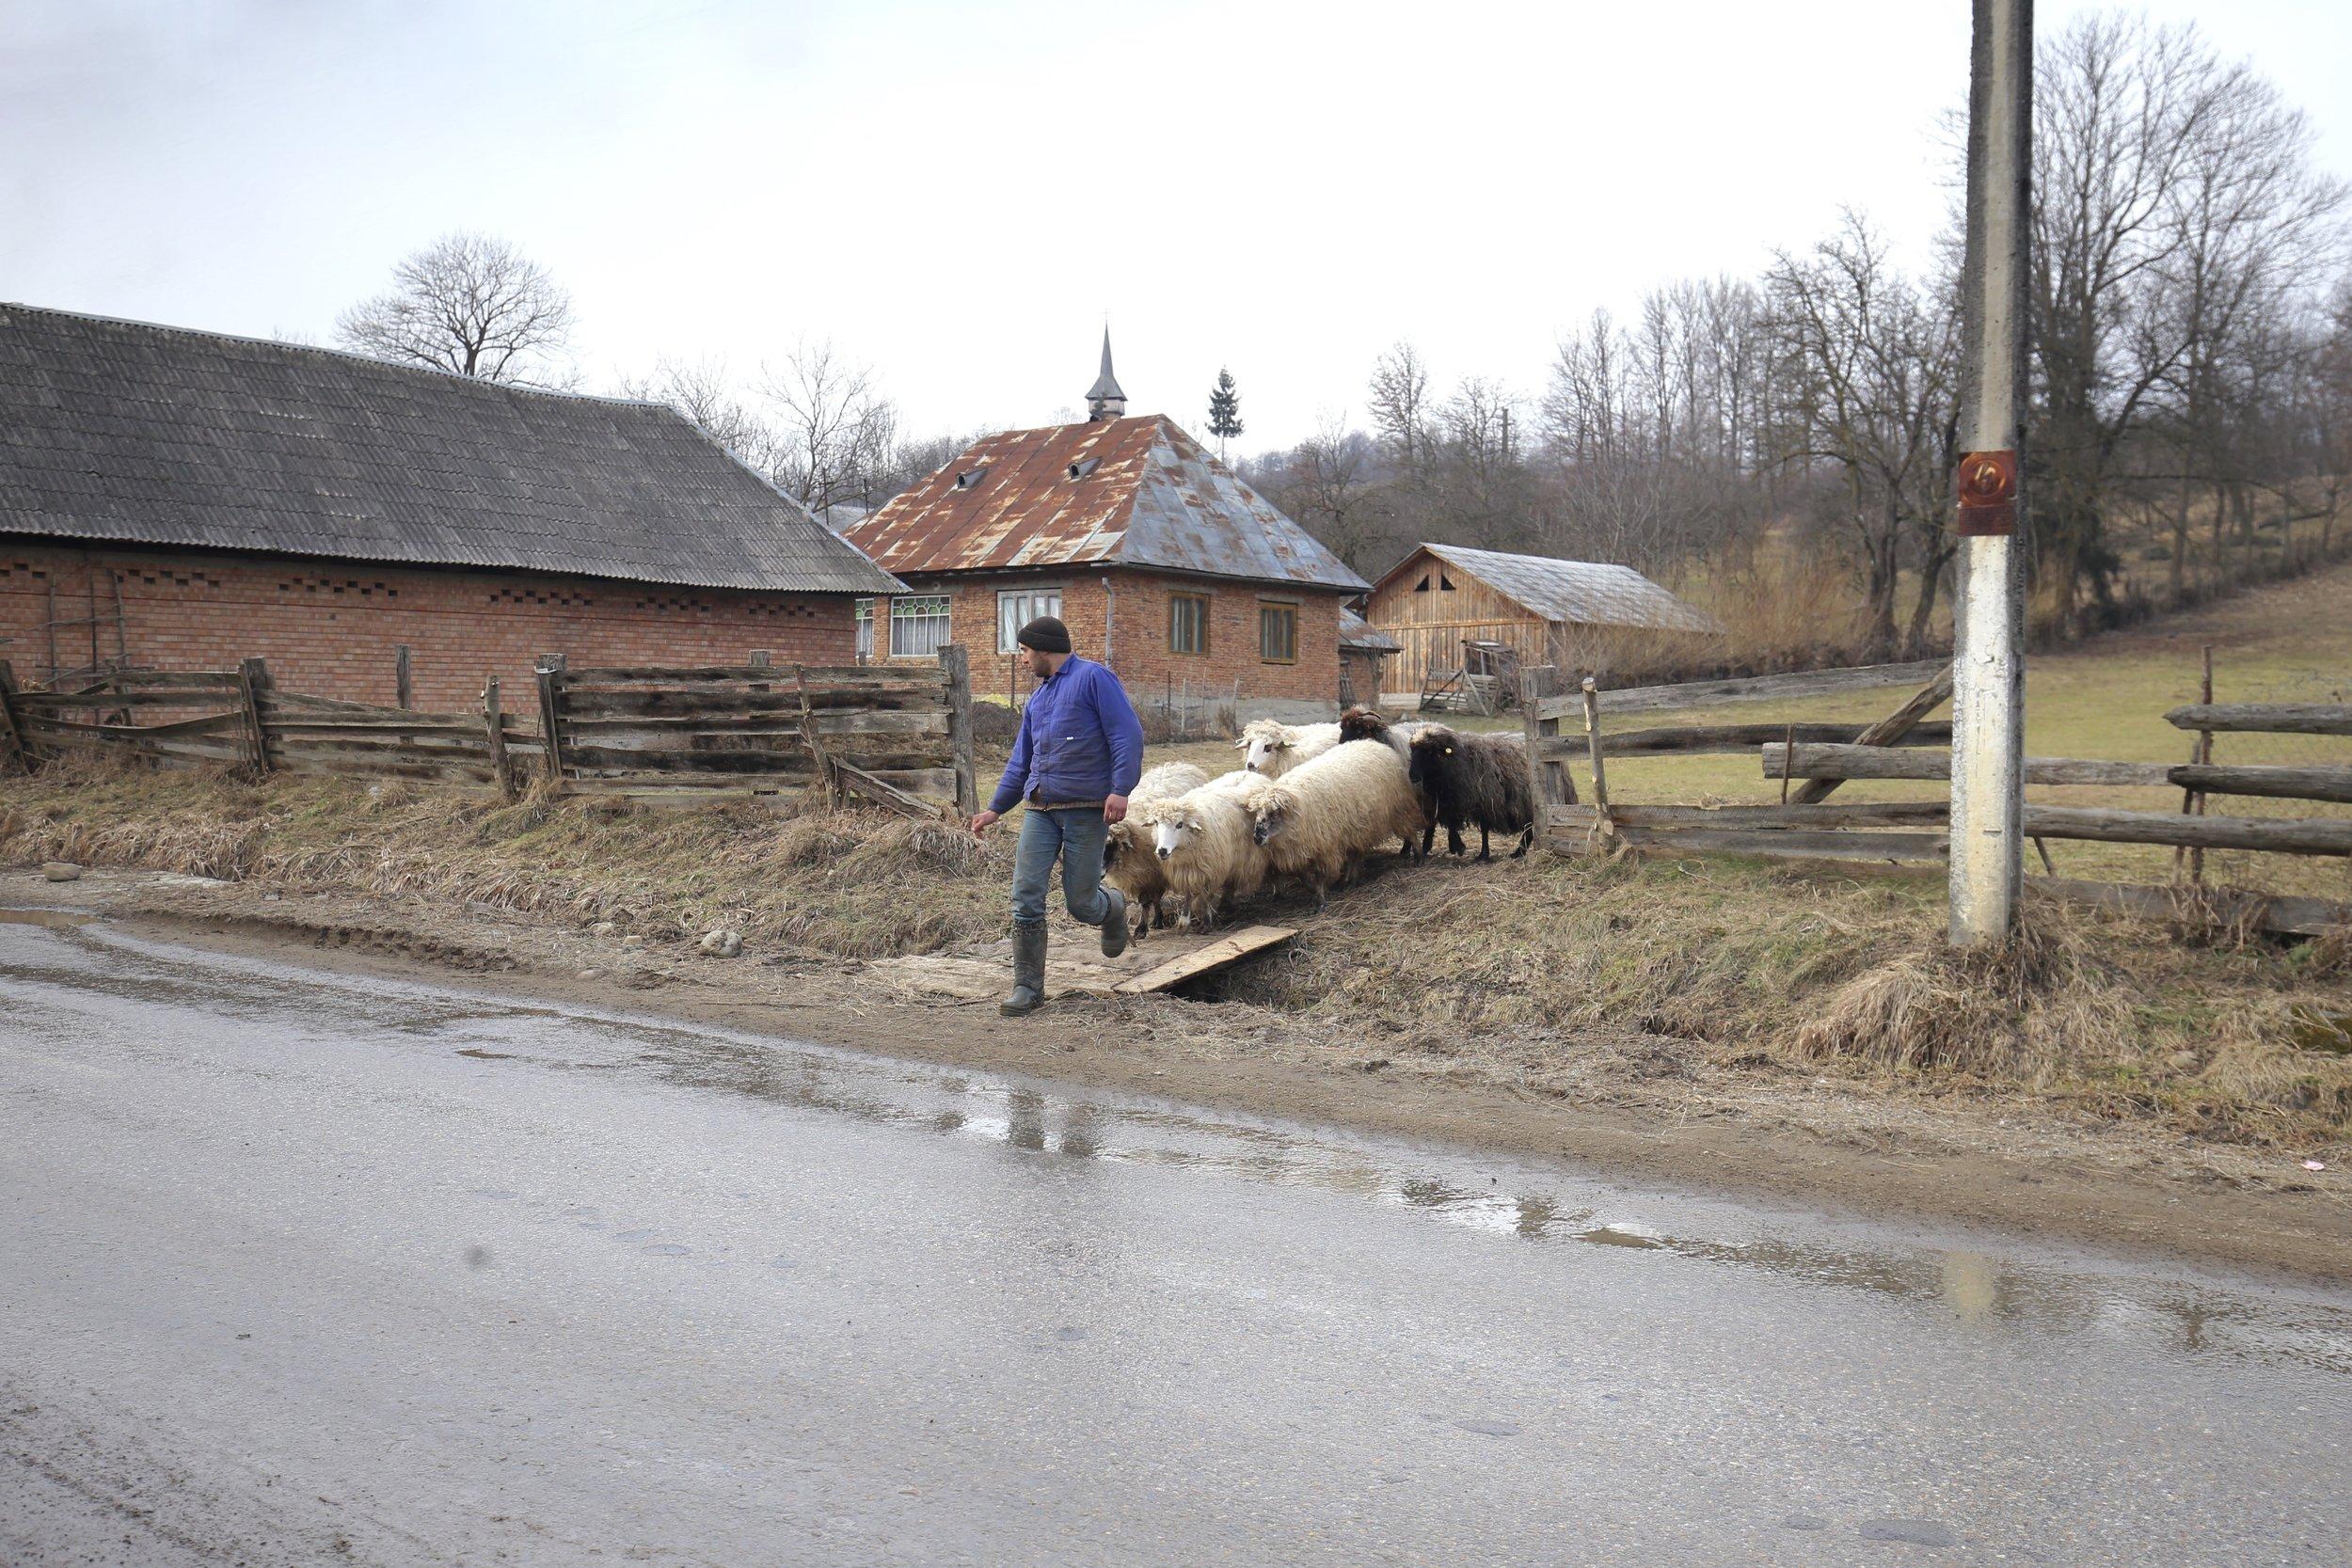 A shepherd leads a small flock across a Romanian road.